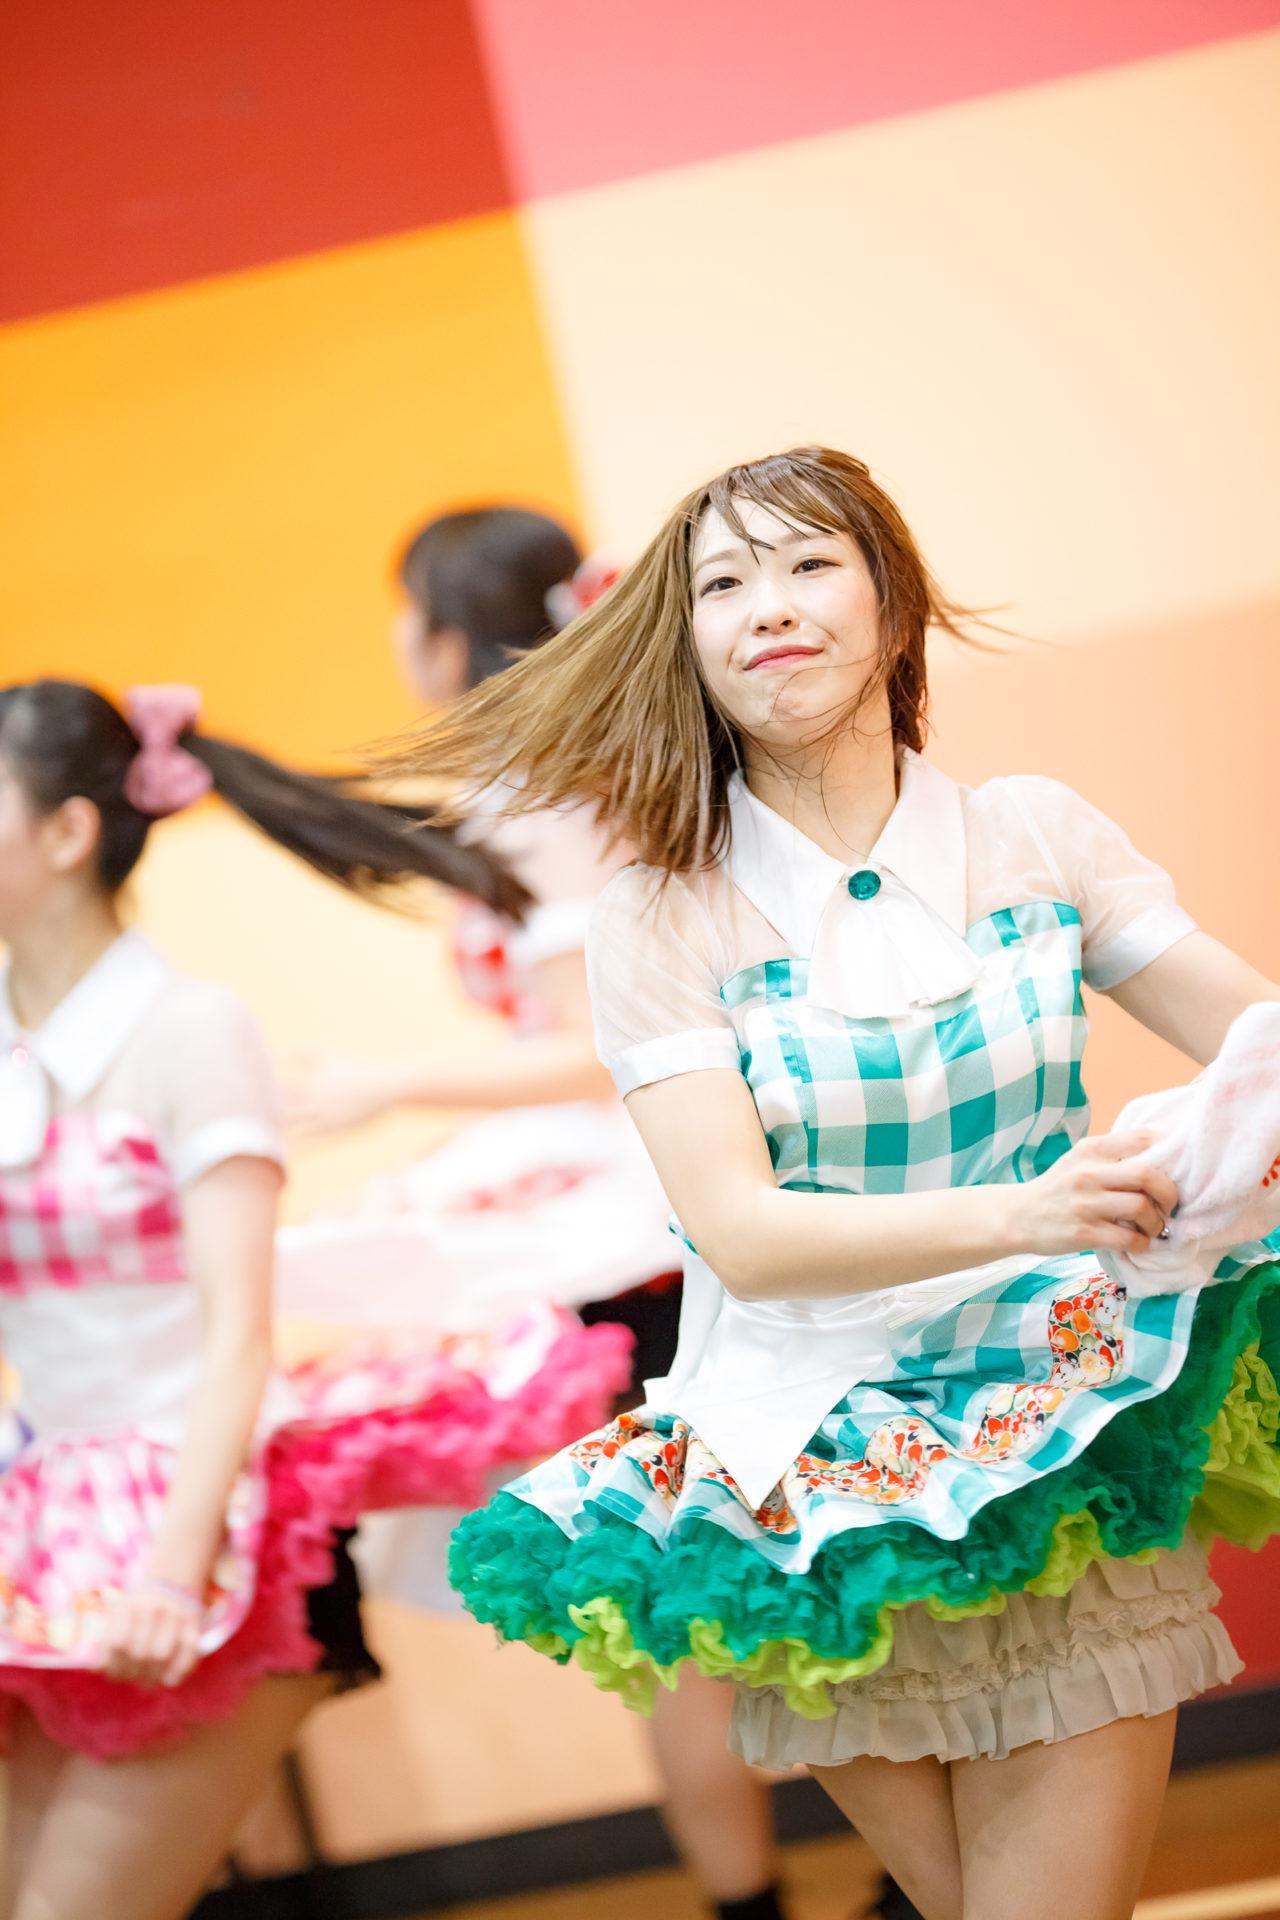 フルーティー♡ おばち ( 小原優花 ) | ディノスパーク×ライブプロ マンスリーLIVE vol.2